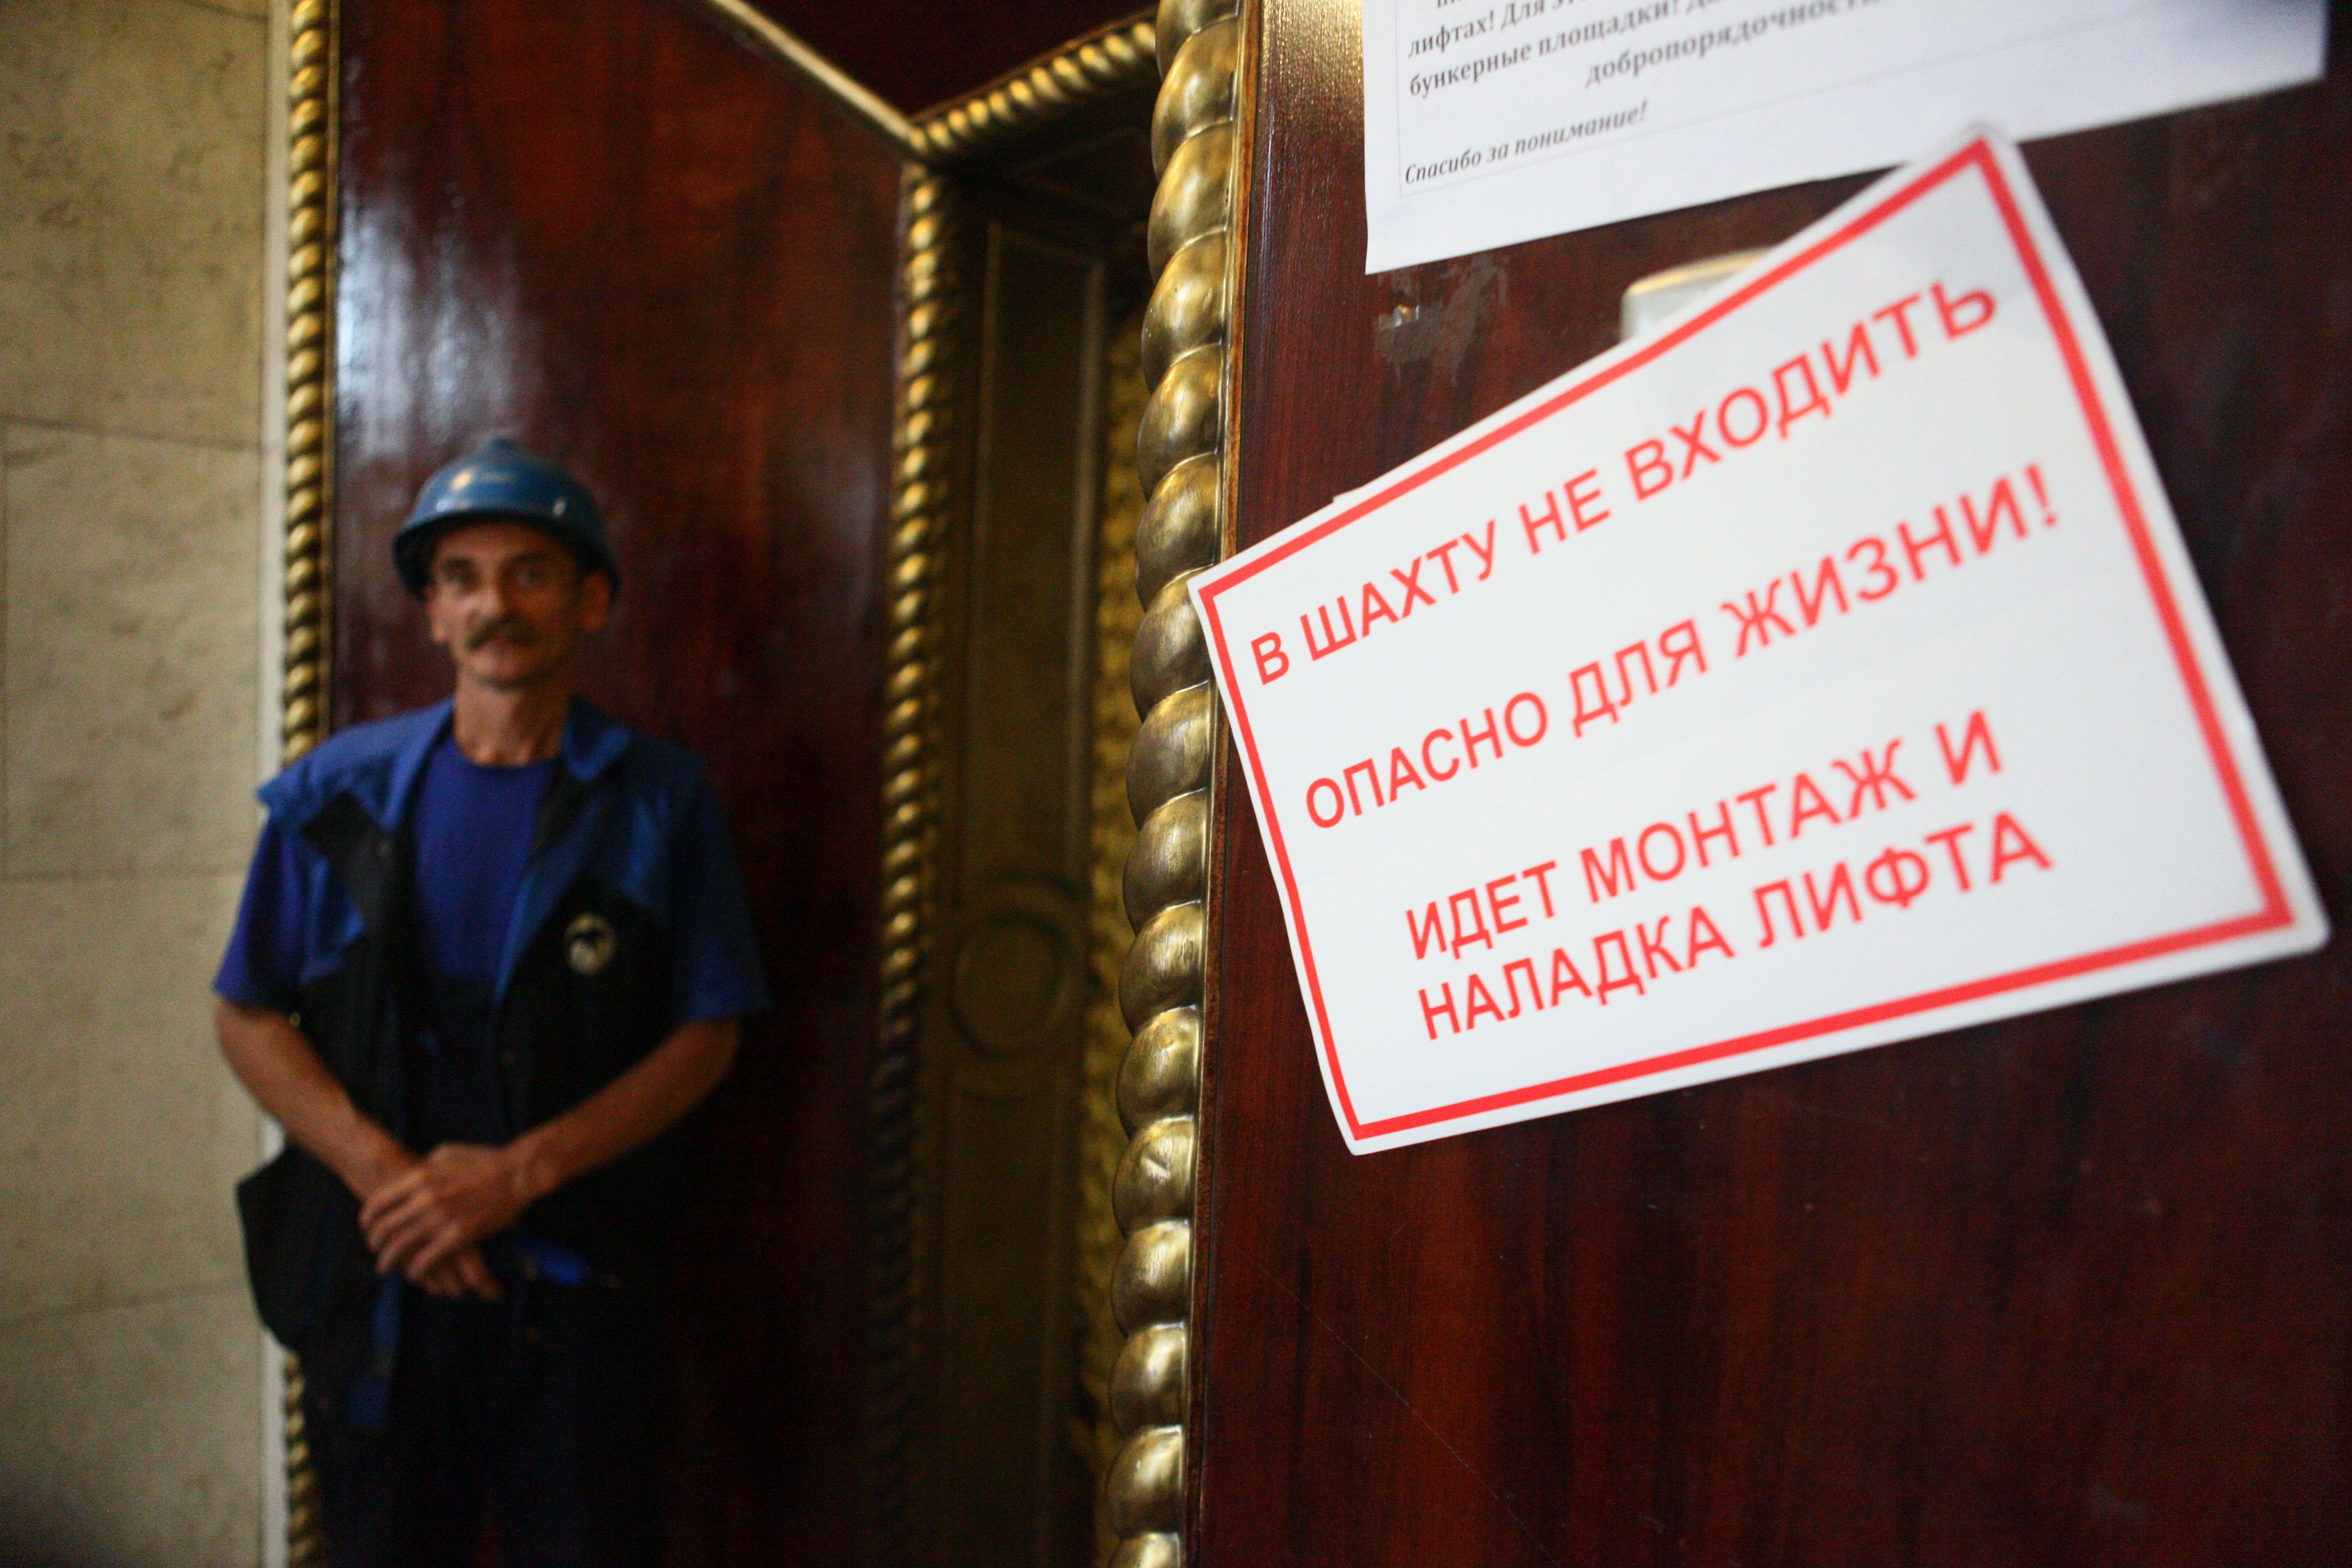 В этом году обновят 1820 подъемников.Фото: Павел Волков